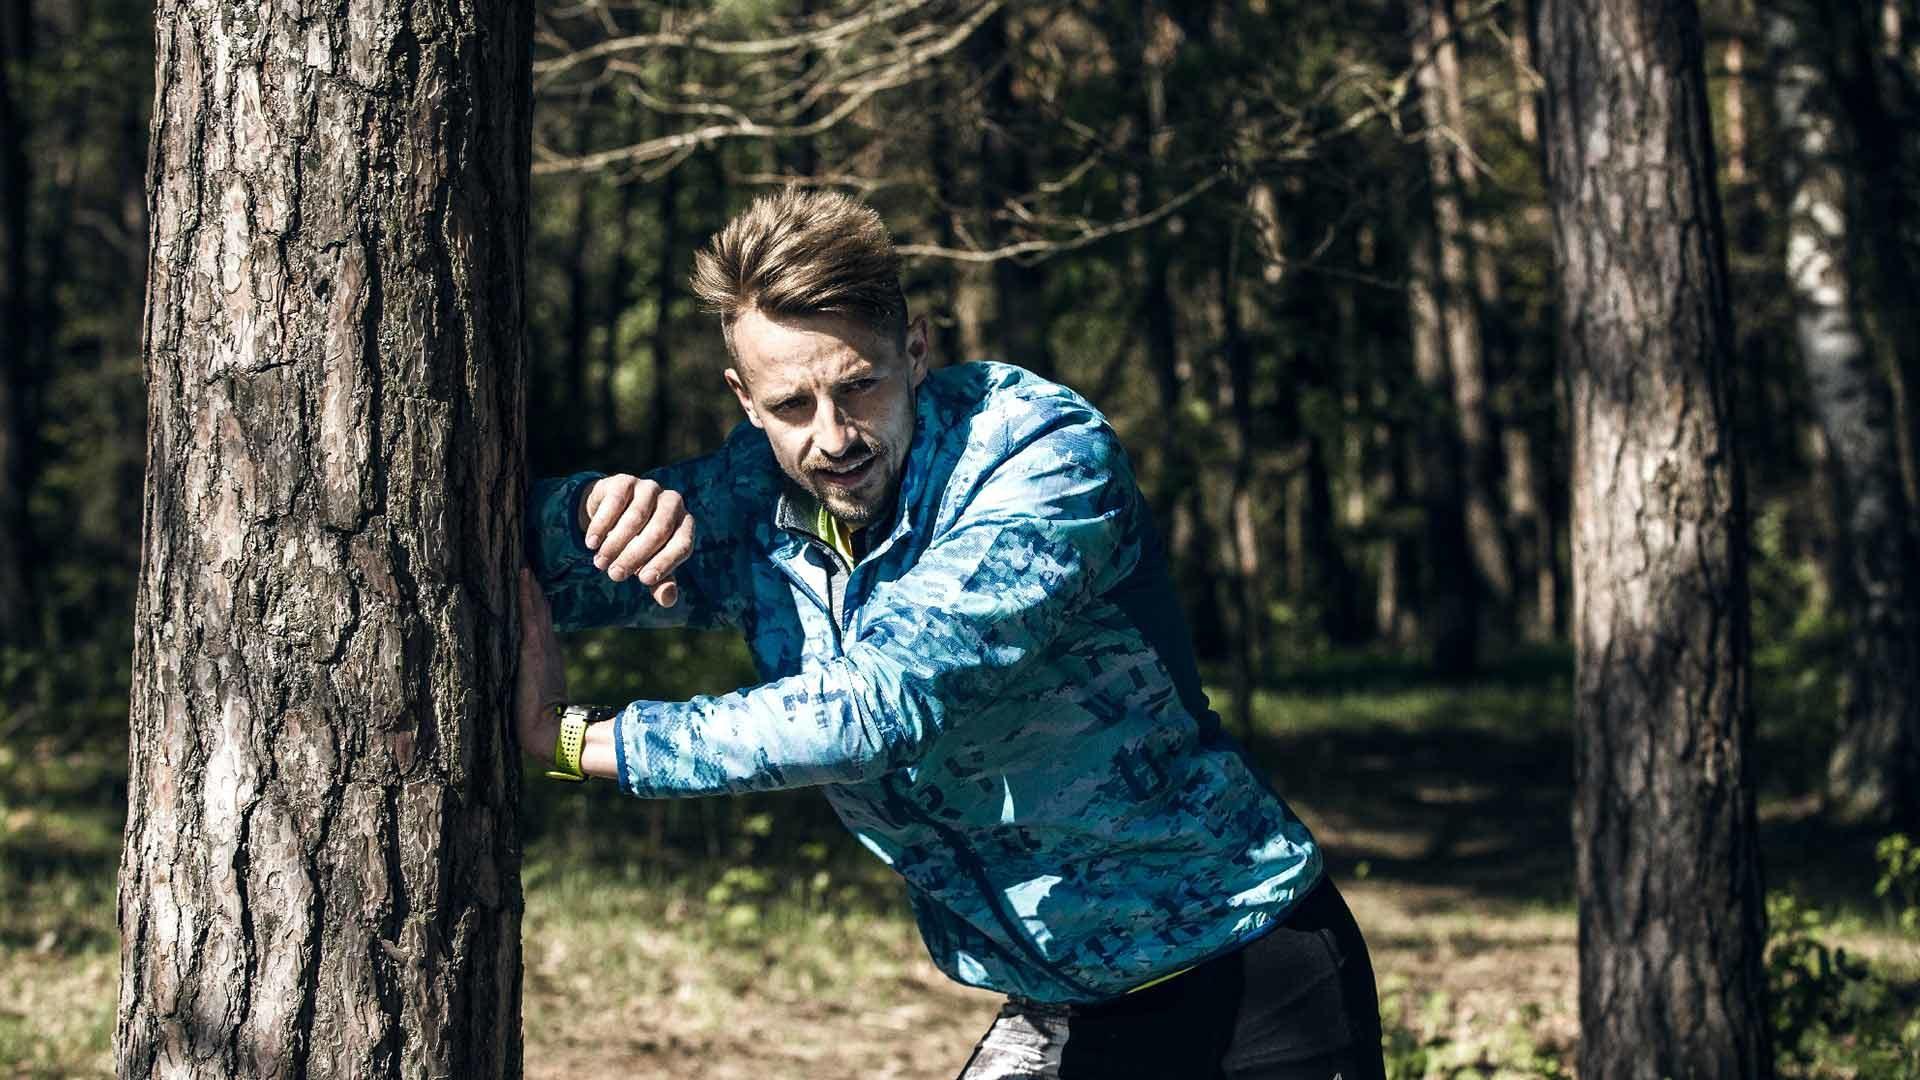 Kaip Kvėpuoti Bėgant: šono dūrimas, kvėpavimo dažnis